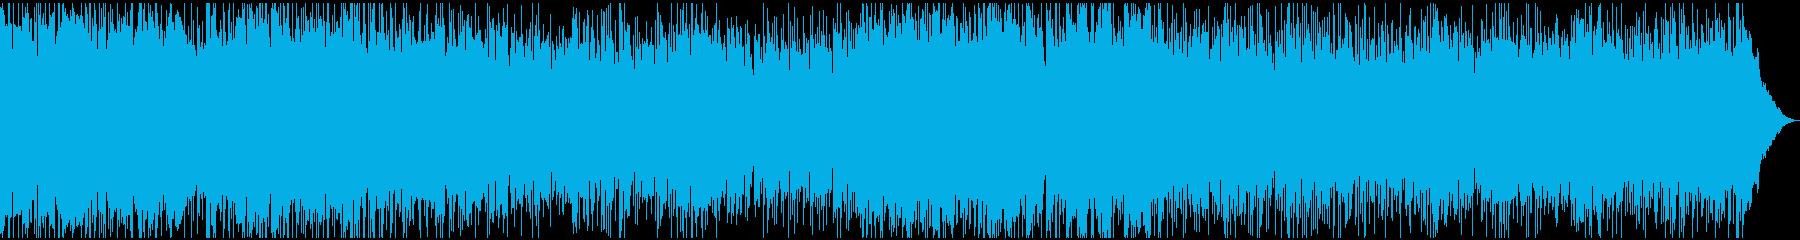 疾走感溢れるファスト・パンク・ロックですの再生済みの波形